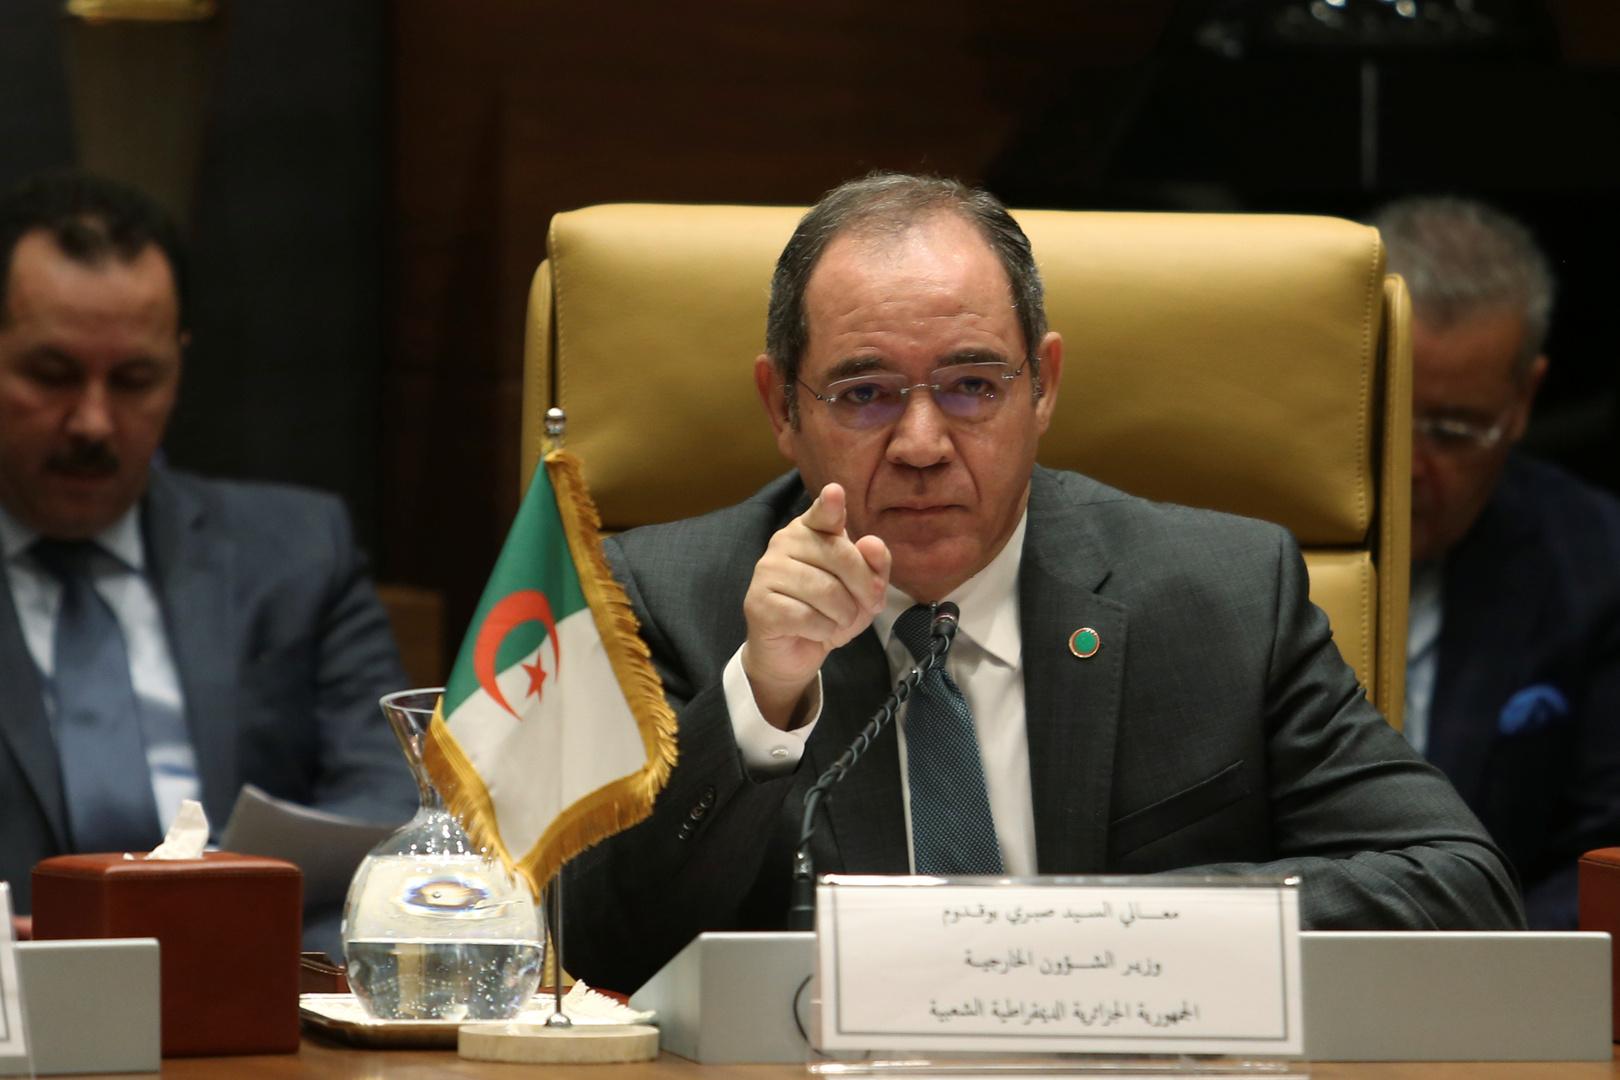 وزير الشؤون الخارجية الجزائري صبري بوقادوم.